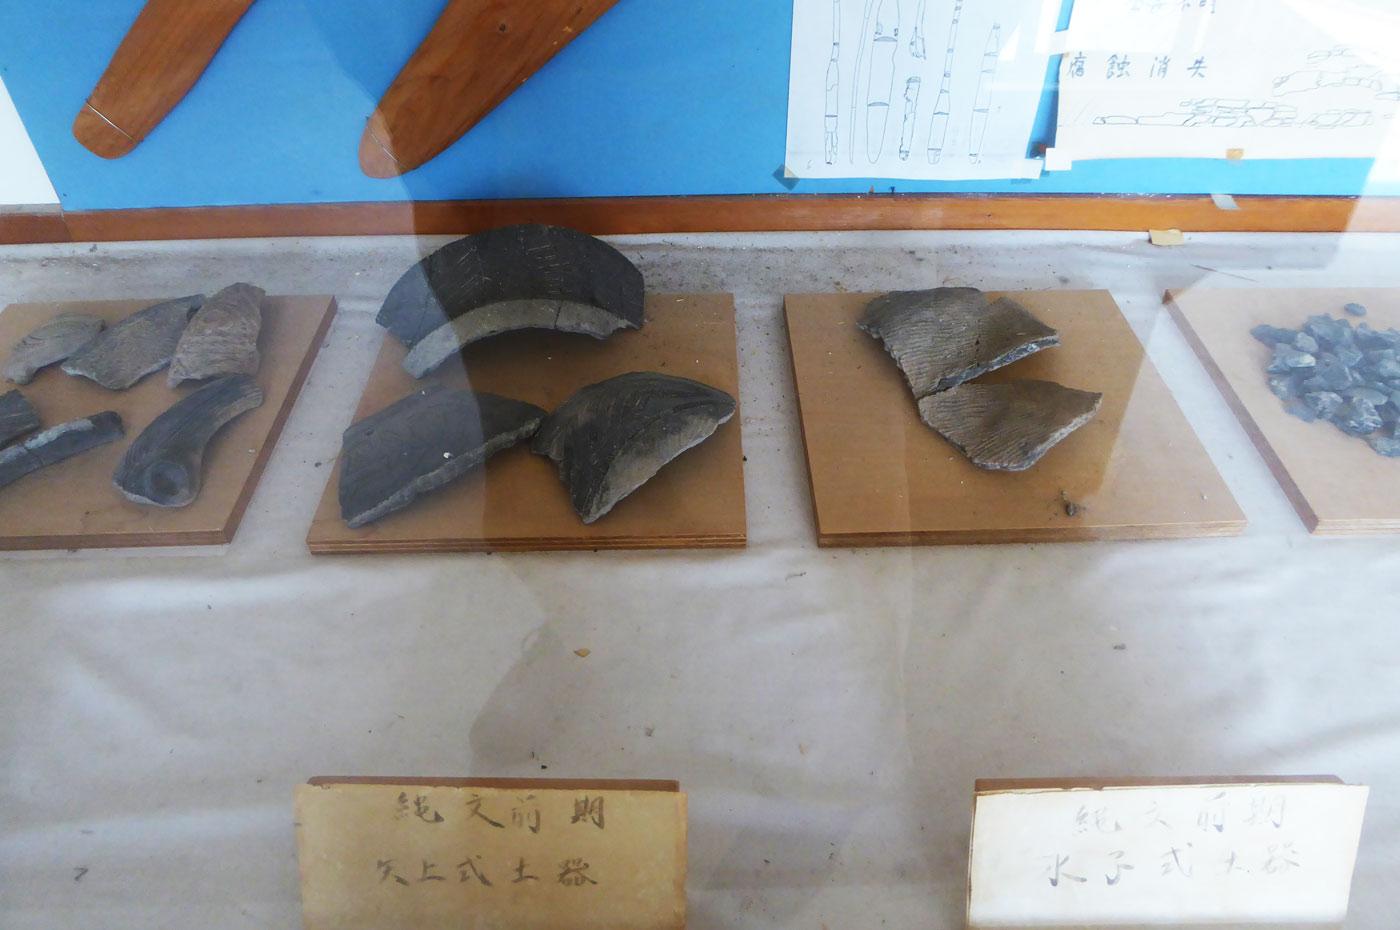 縄文前期の矢上式土器、水子式土器